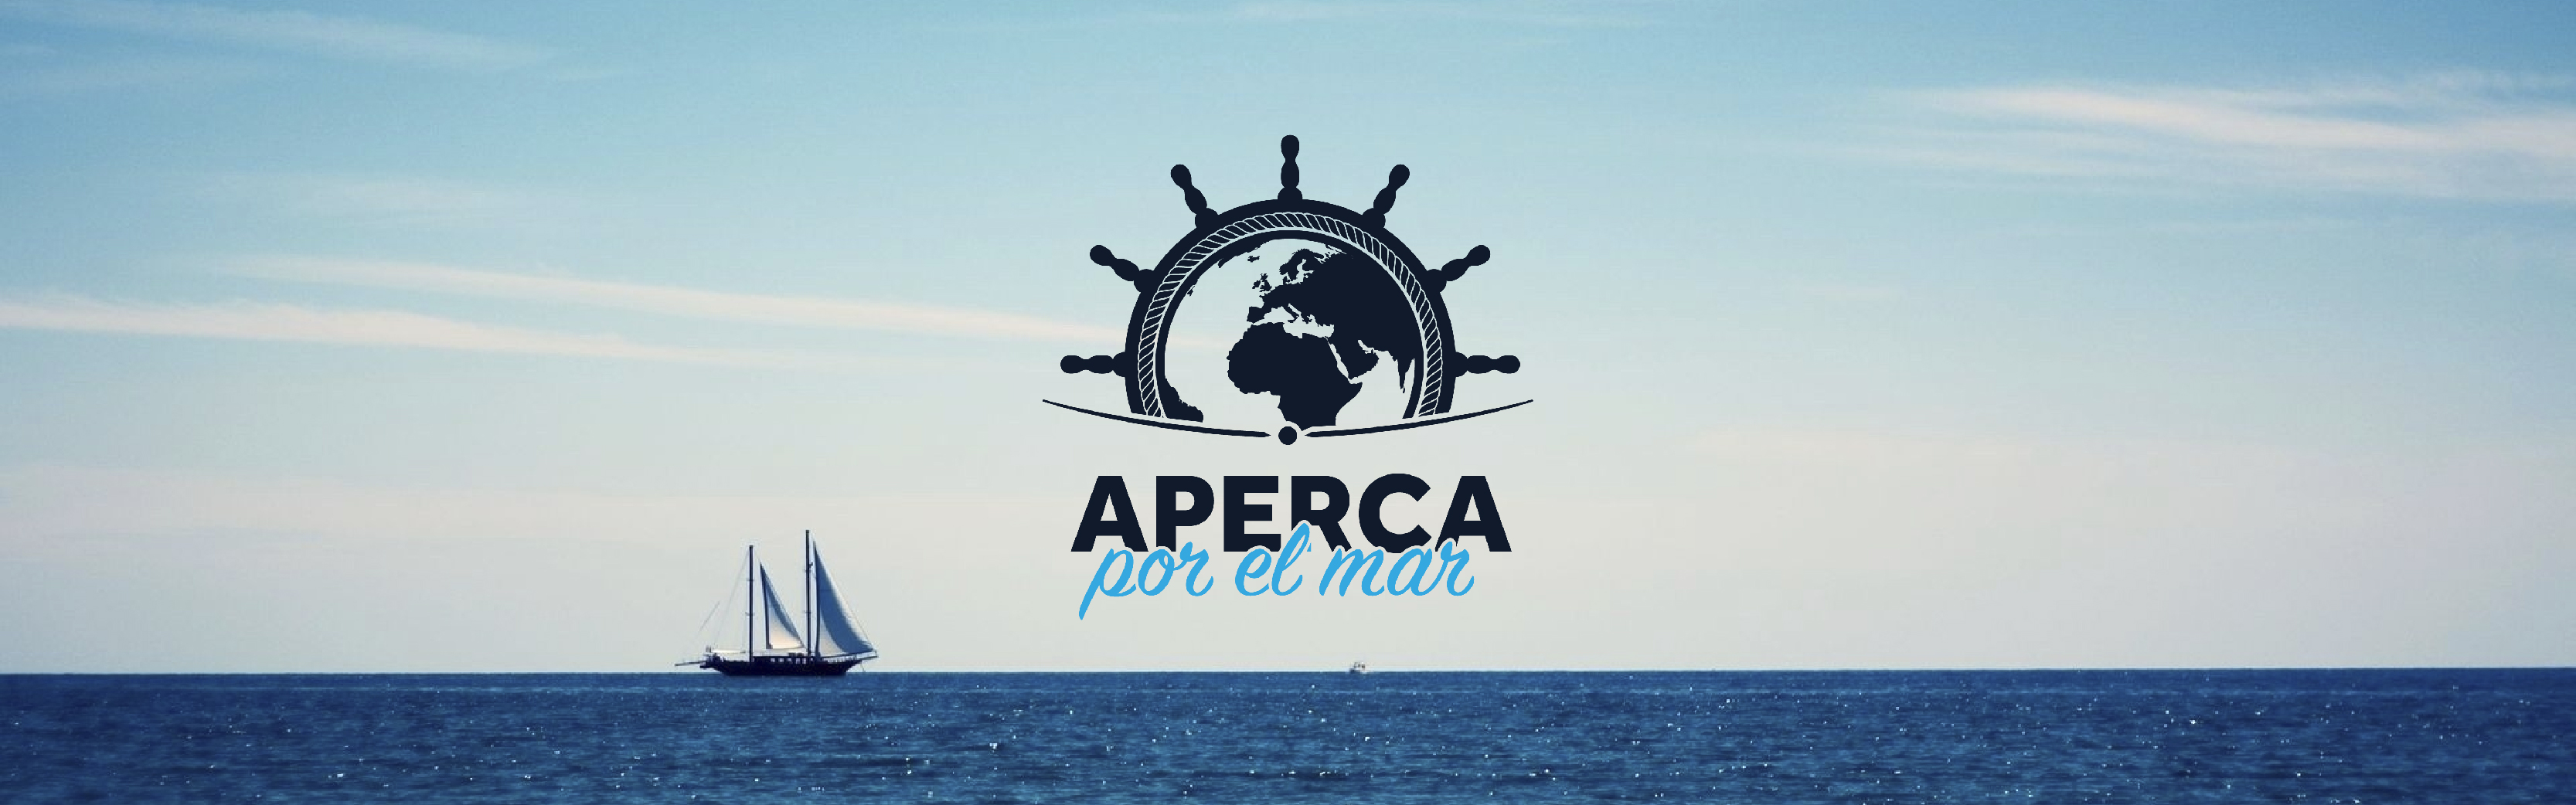 Escuela de Navegación  Aperca por el Mar – Cádiz | Badajoz- Titulos Náuticos, prácticas, travesías y Alquiler de Embarcaciones.